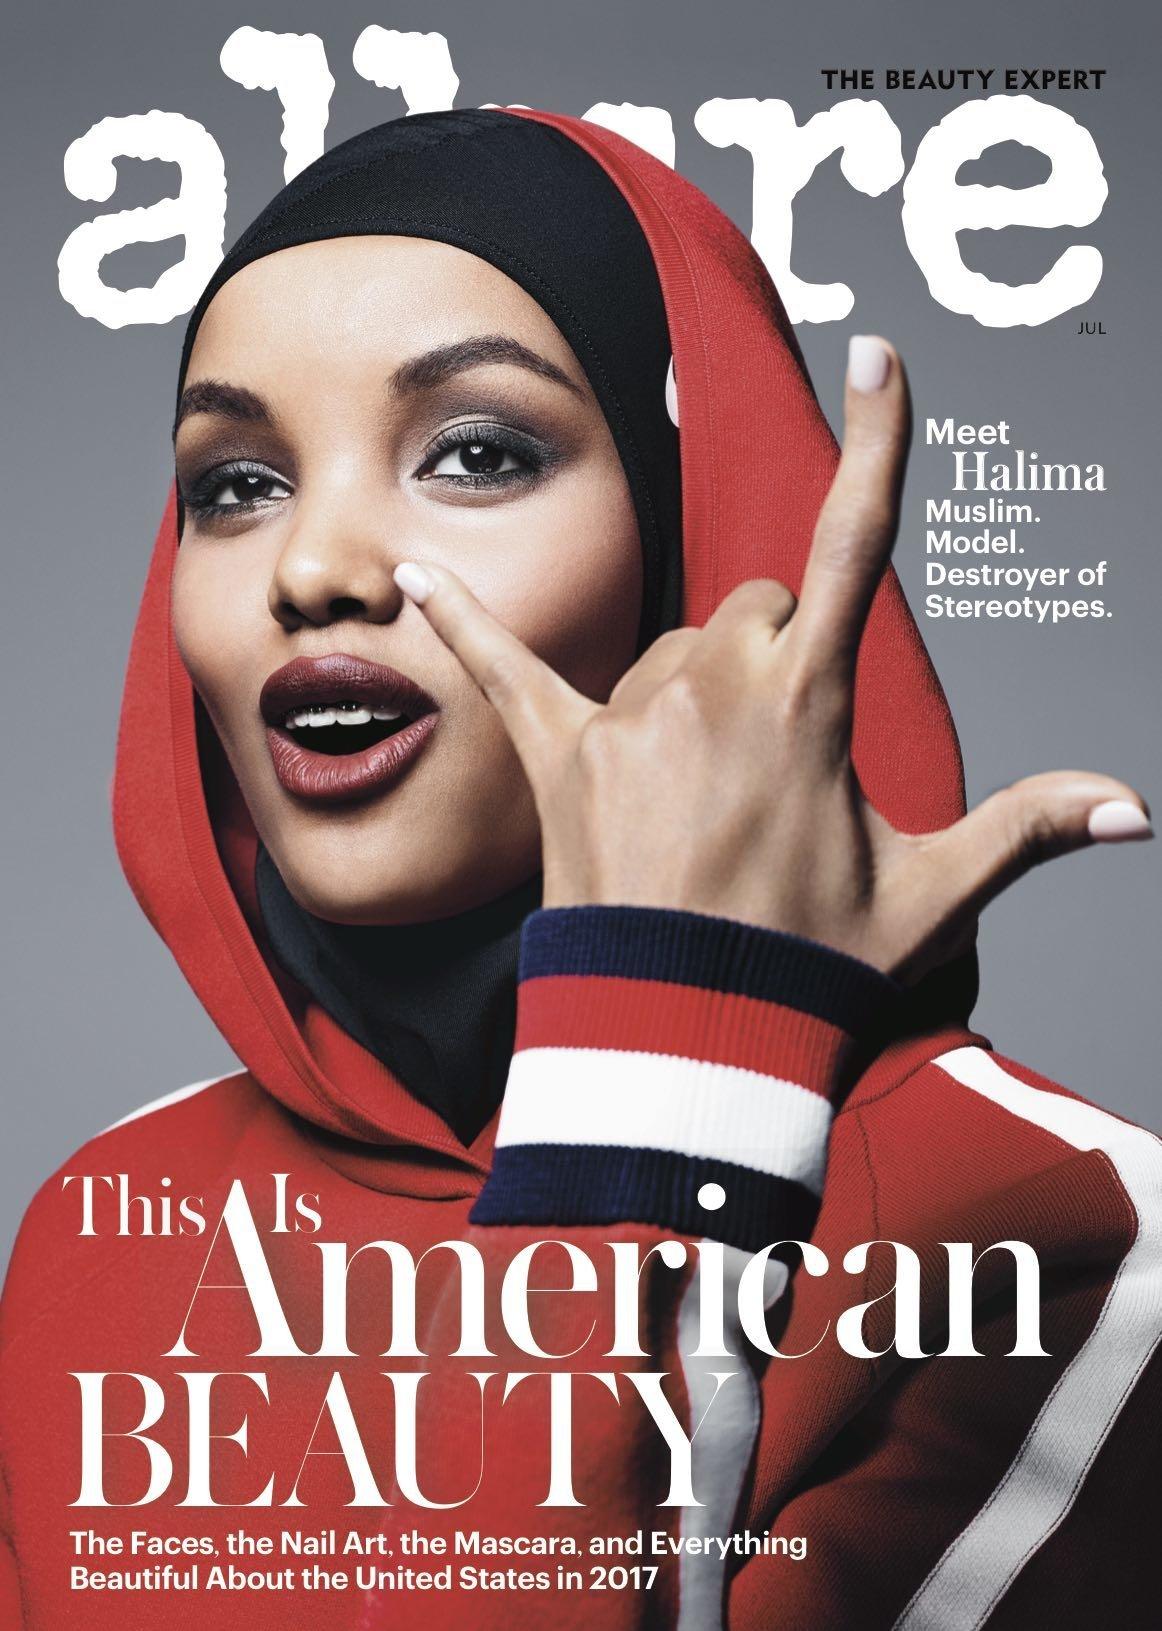 「これがアメリカン・ビューティ」19歳のムスリム女性、有名ファッション誌の表紙を席巻